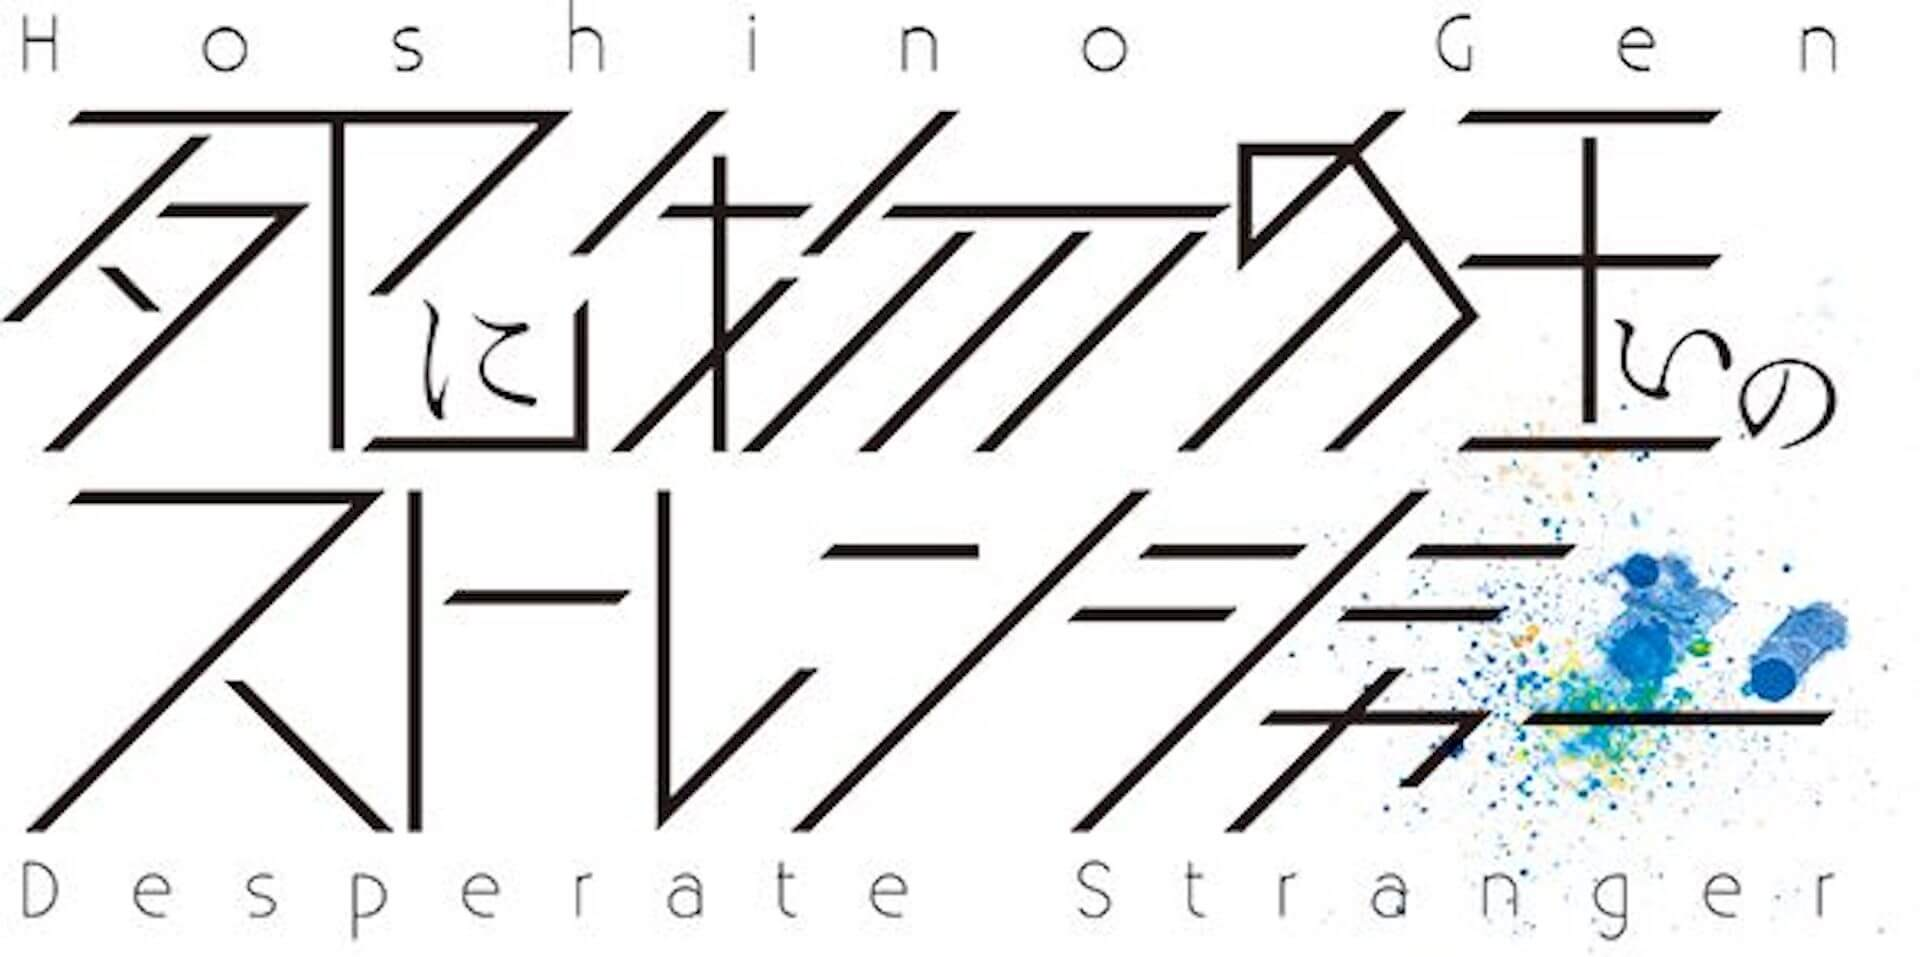 星野源づくしの10周年記念特集『星野源DAY―10th Anniversary―』がスペシャで放送決定! music200529_hoshinogen_5